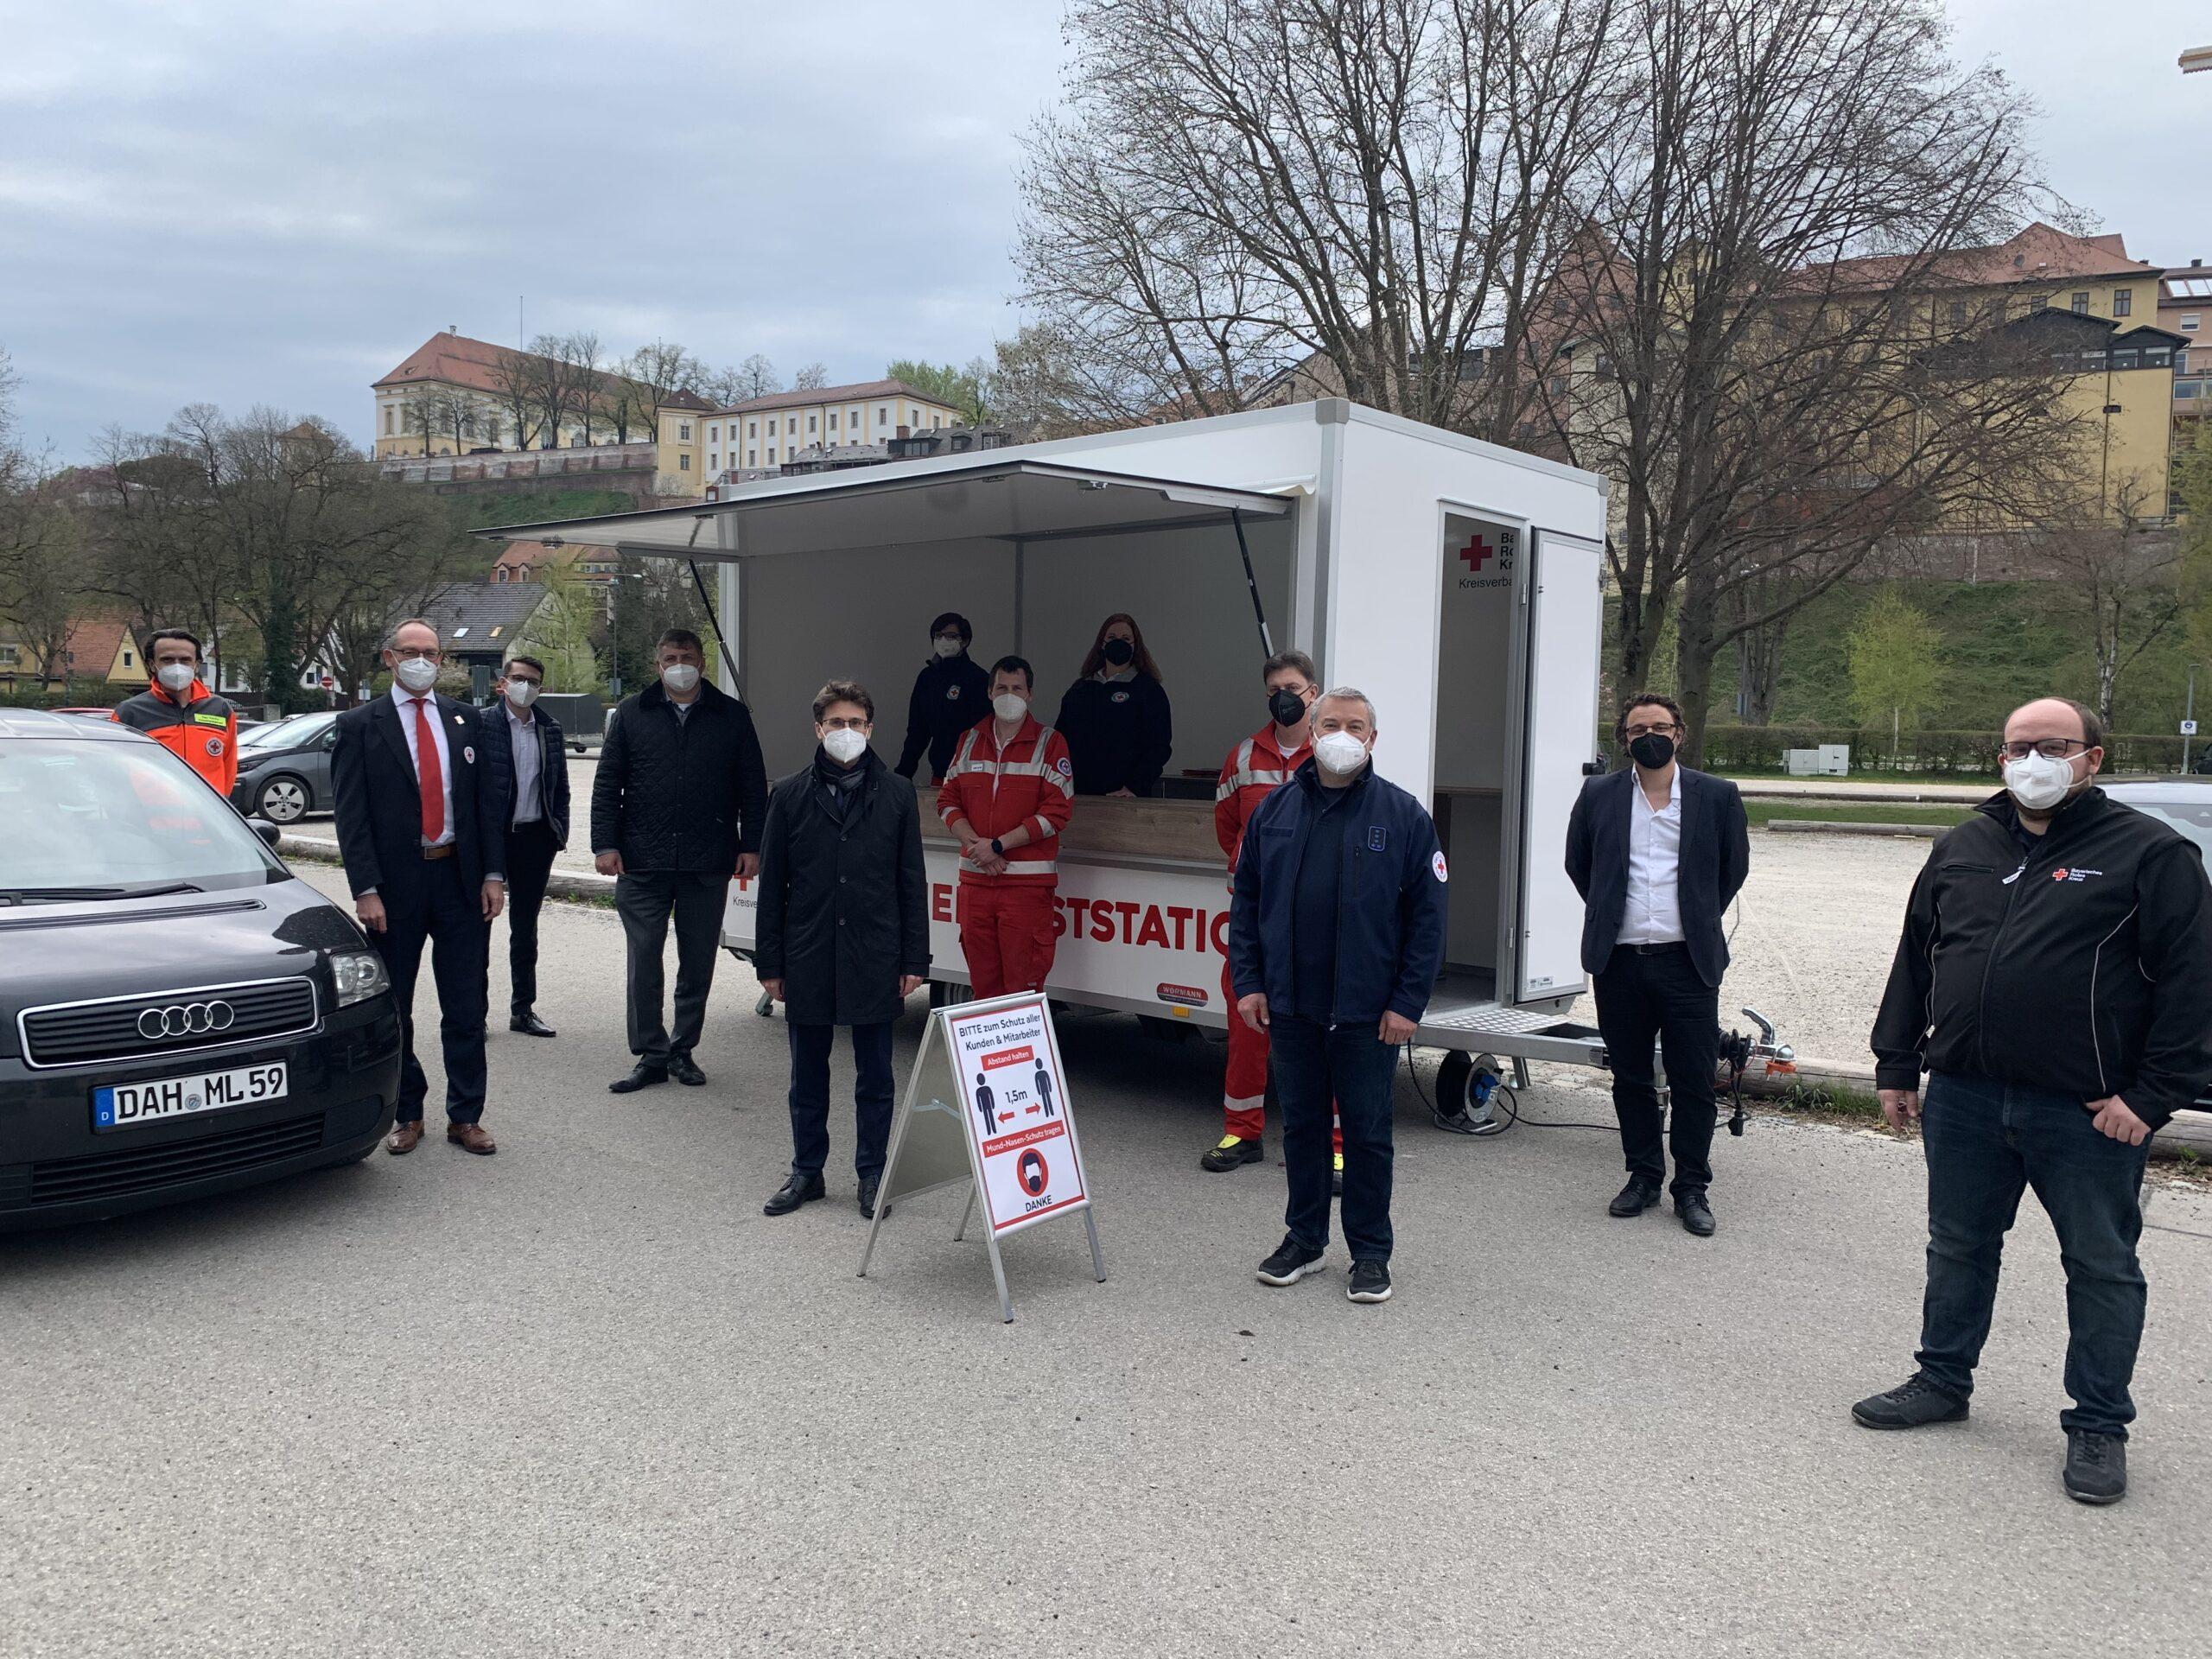 Die Drive-In-Teststation auf der Ludwig-Thoma-Wiese